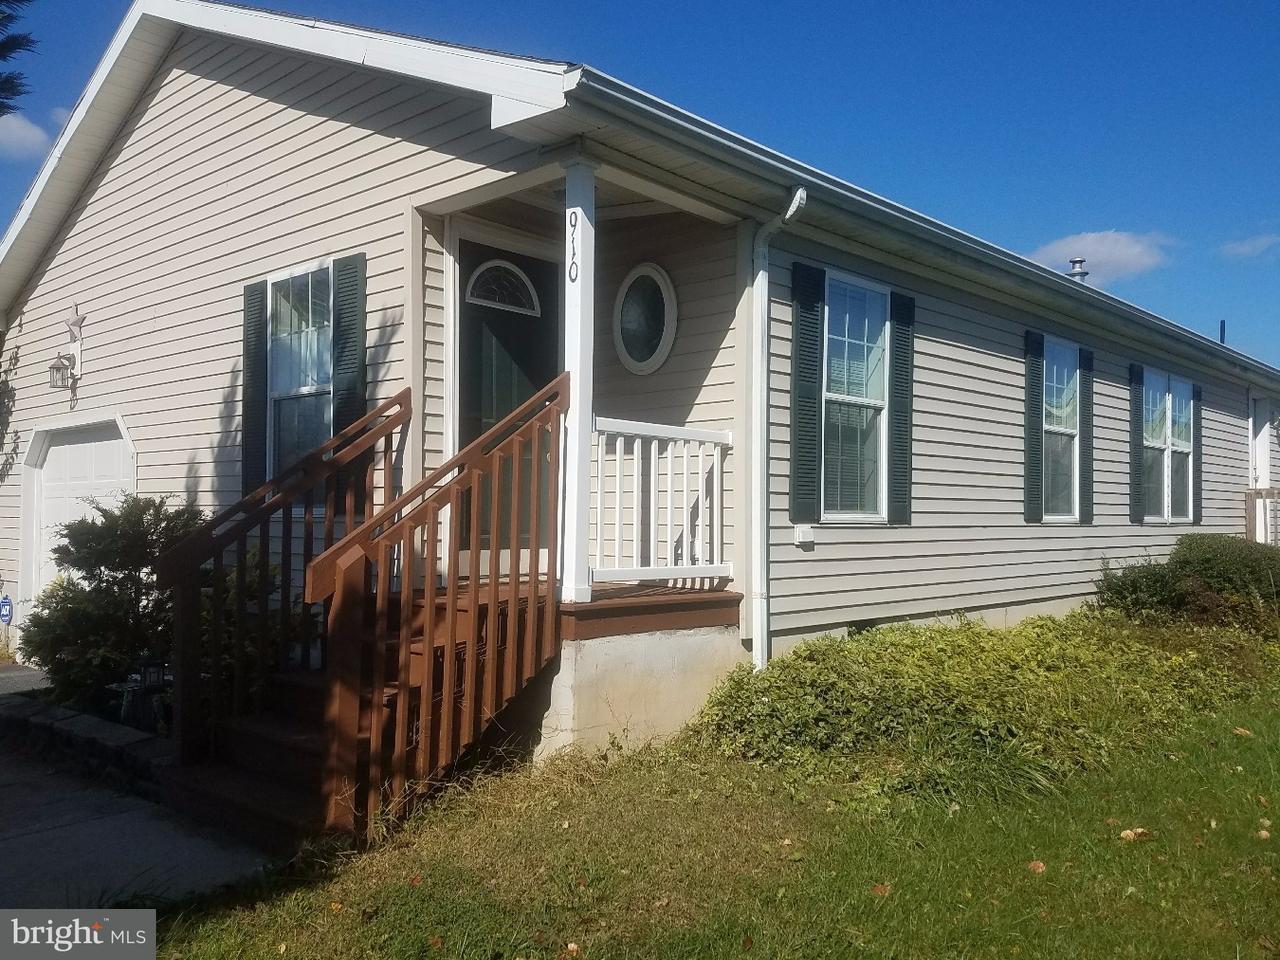 移动之家 为 销售 在 910 APPLEBERRY DR #135 Smyrna, 特拉华州 19977 美国